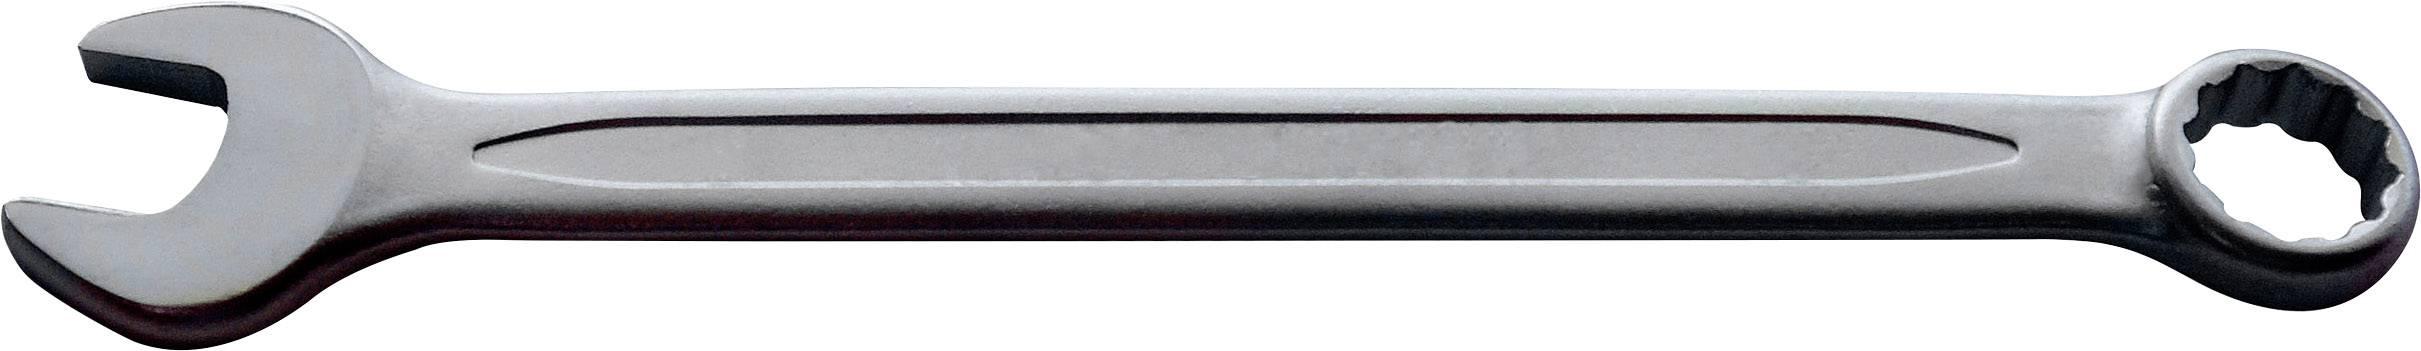 Očkoplochý klíč TOOLCRAFT 820835, DIN 3113 Form A, 11 mm